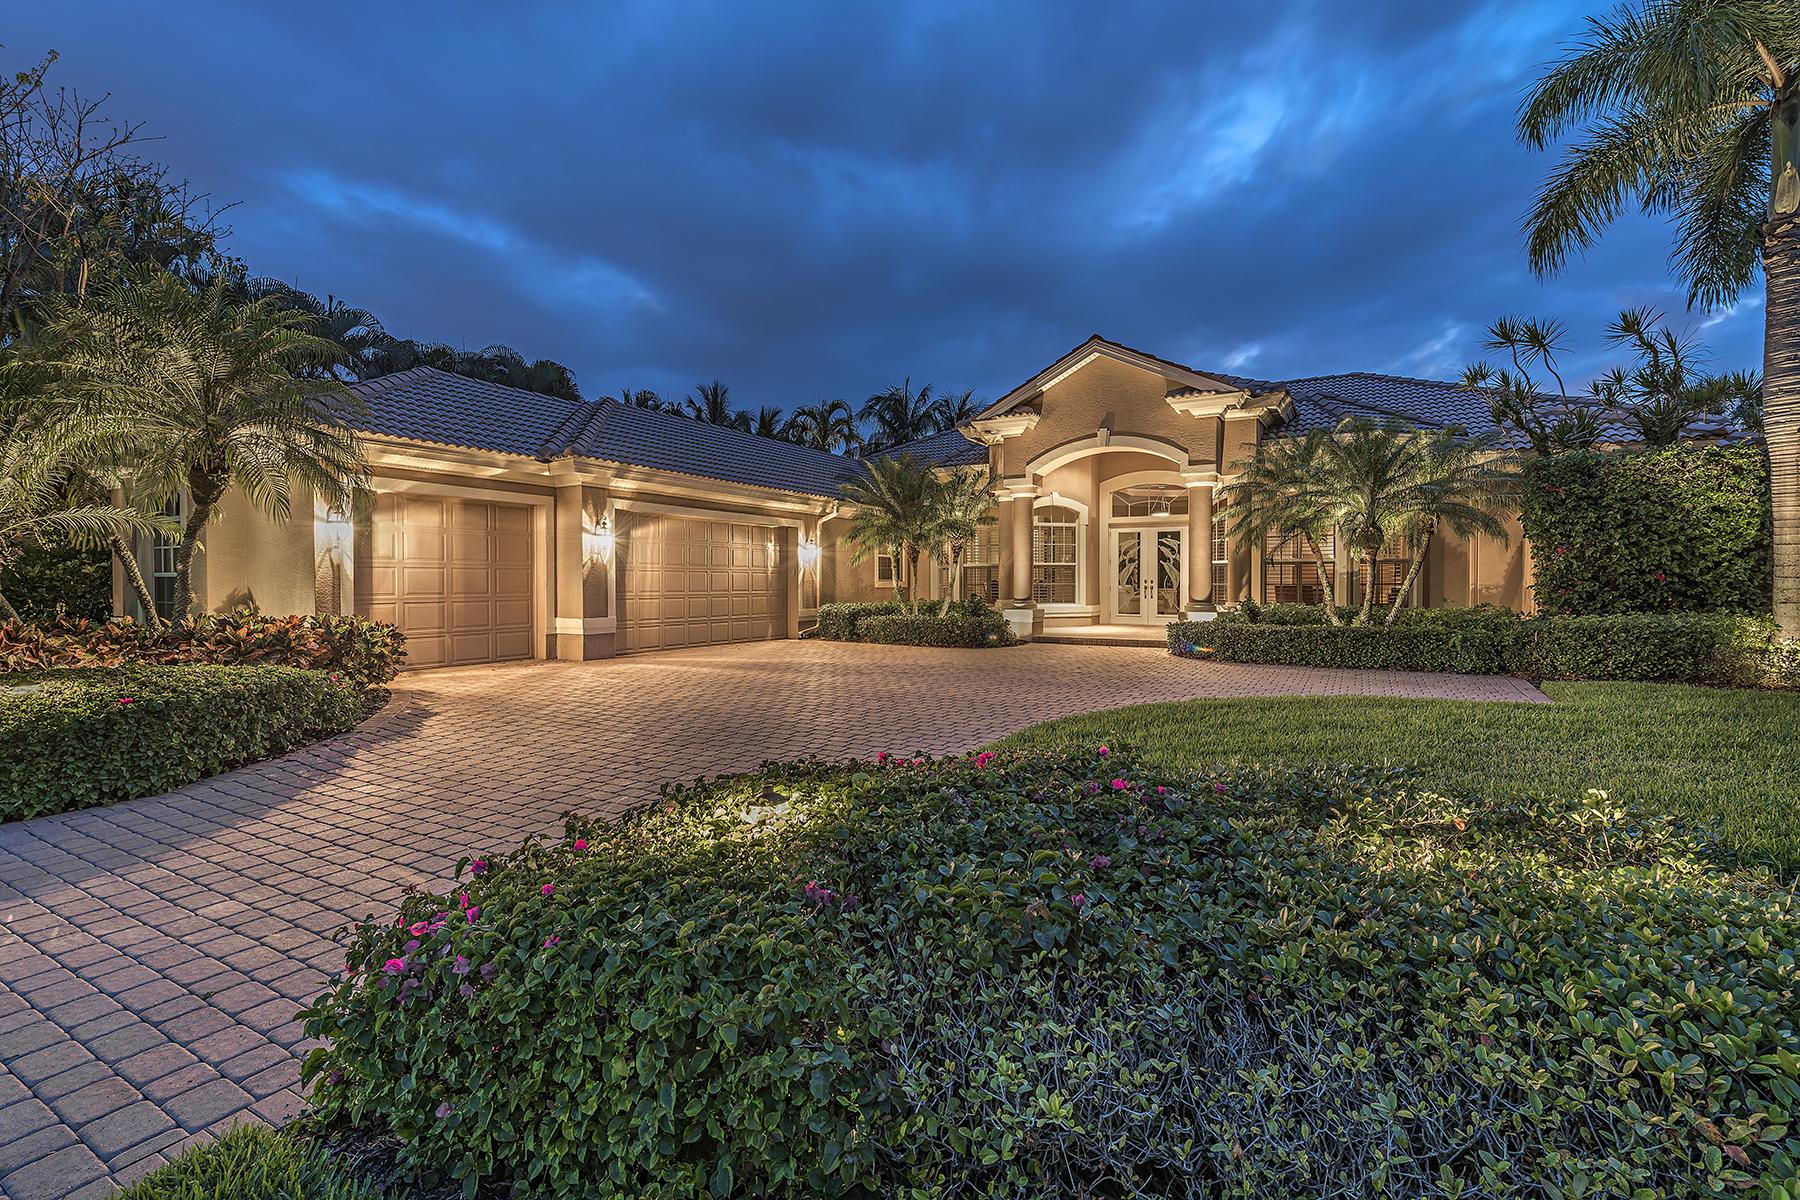 一戸建て のために 売買 アット PELICAN MARSH - MUIRFIELD AT THE MARSH 8755 Muirfield Dr Naples, フロリダ, 34109 アメリカ合衆国